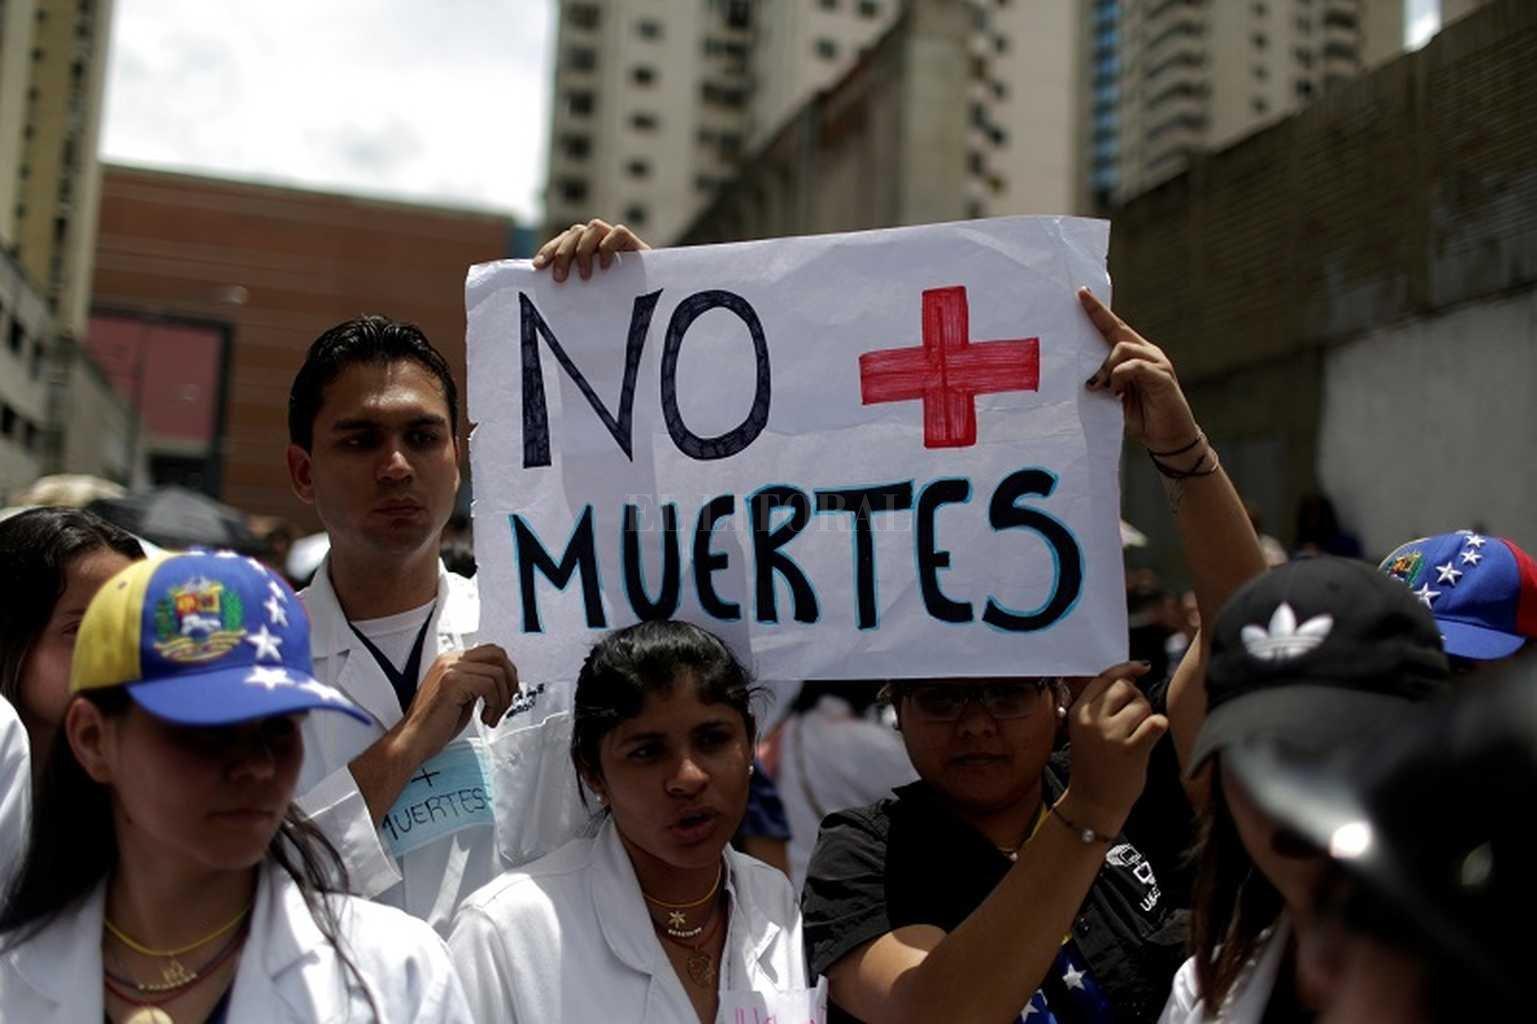 Fallece joven herido de bala durante protesta en Táchira